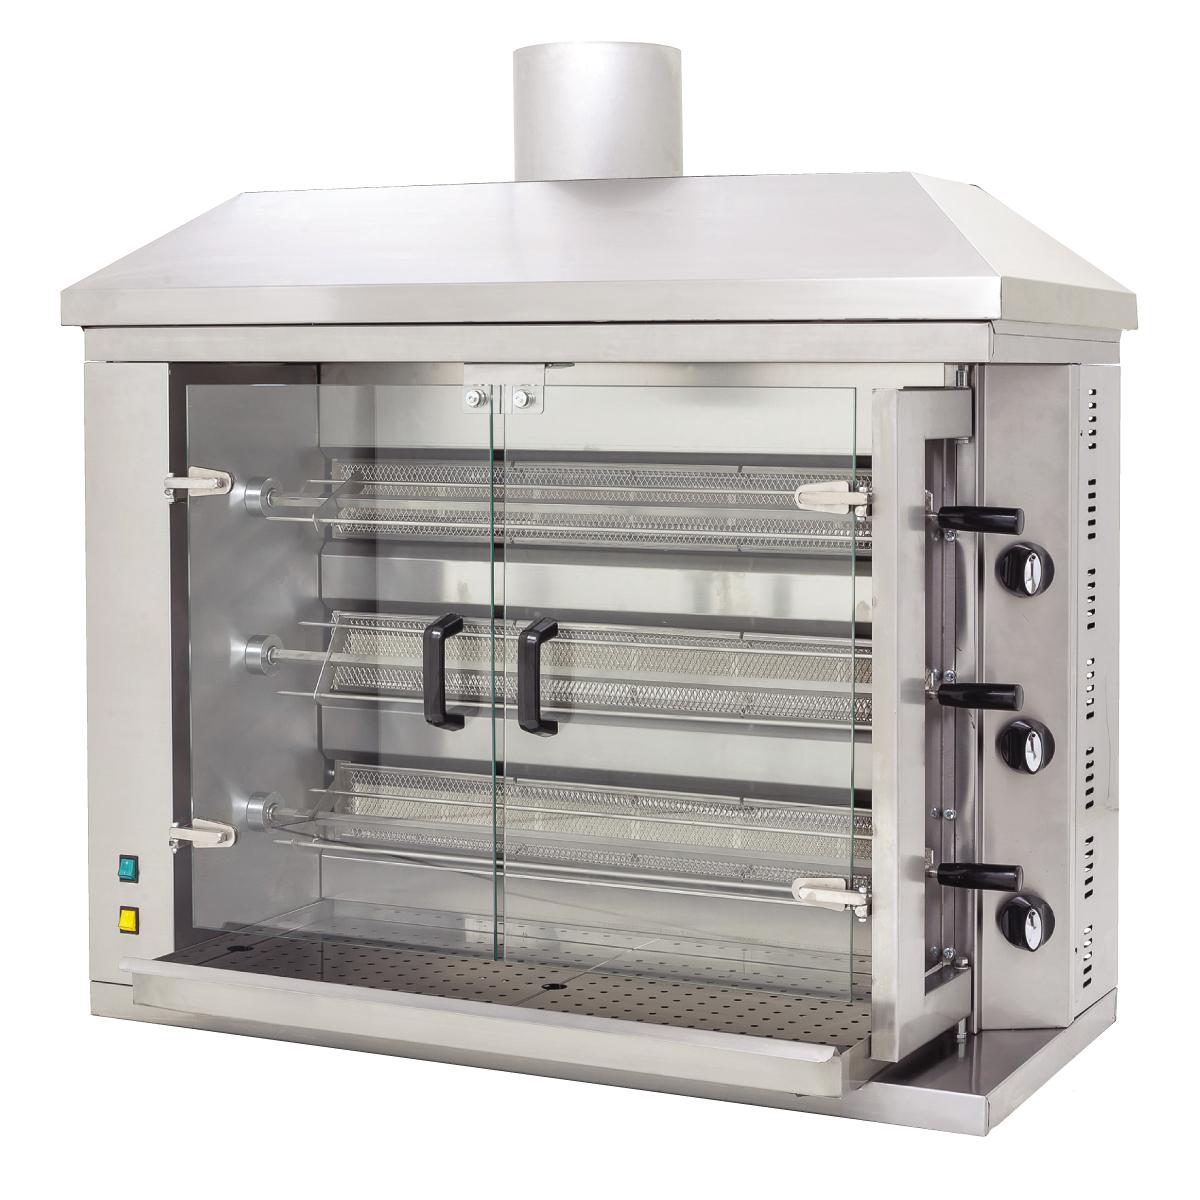 Piliç Çevirme Makinası - 3 'lü -Gazlı